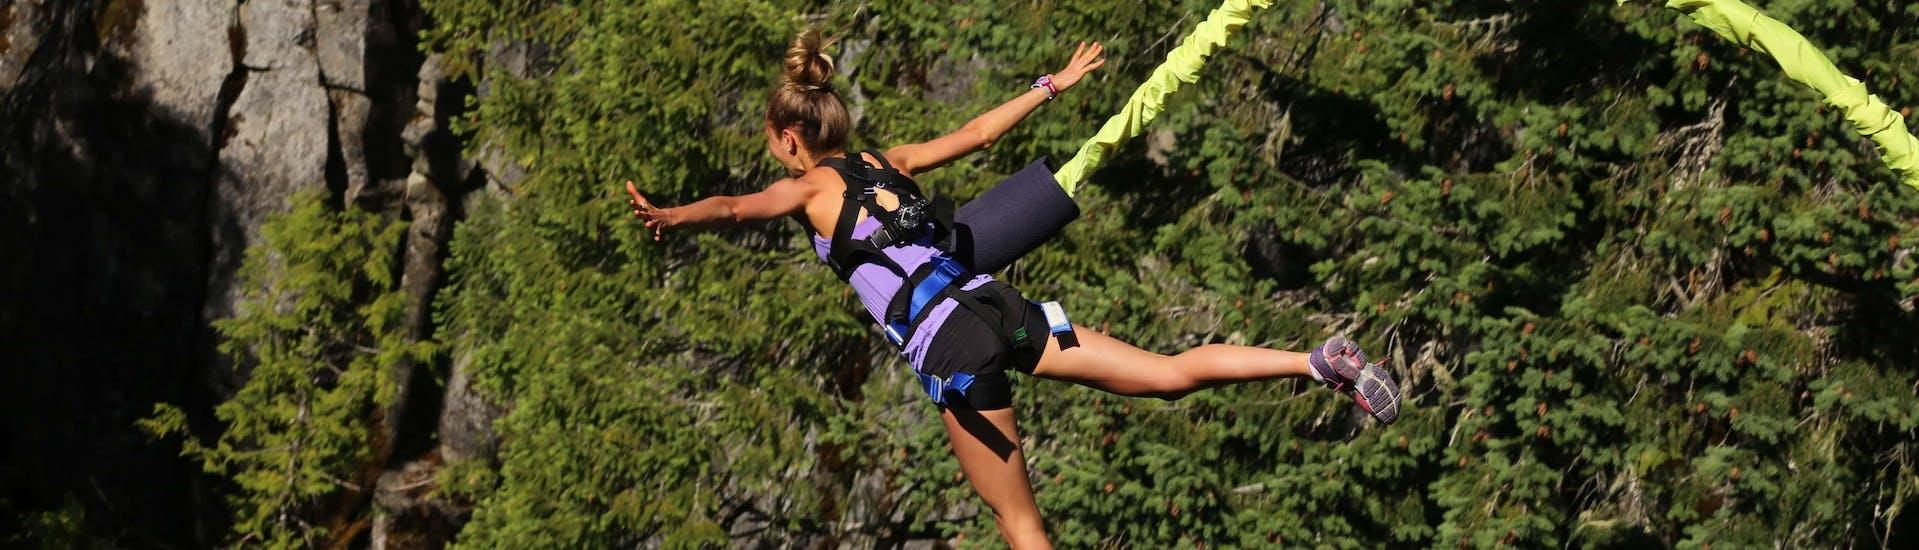 Bungee Jumping (c) Shutterstock.jpg